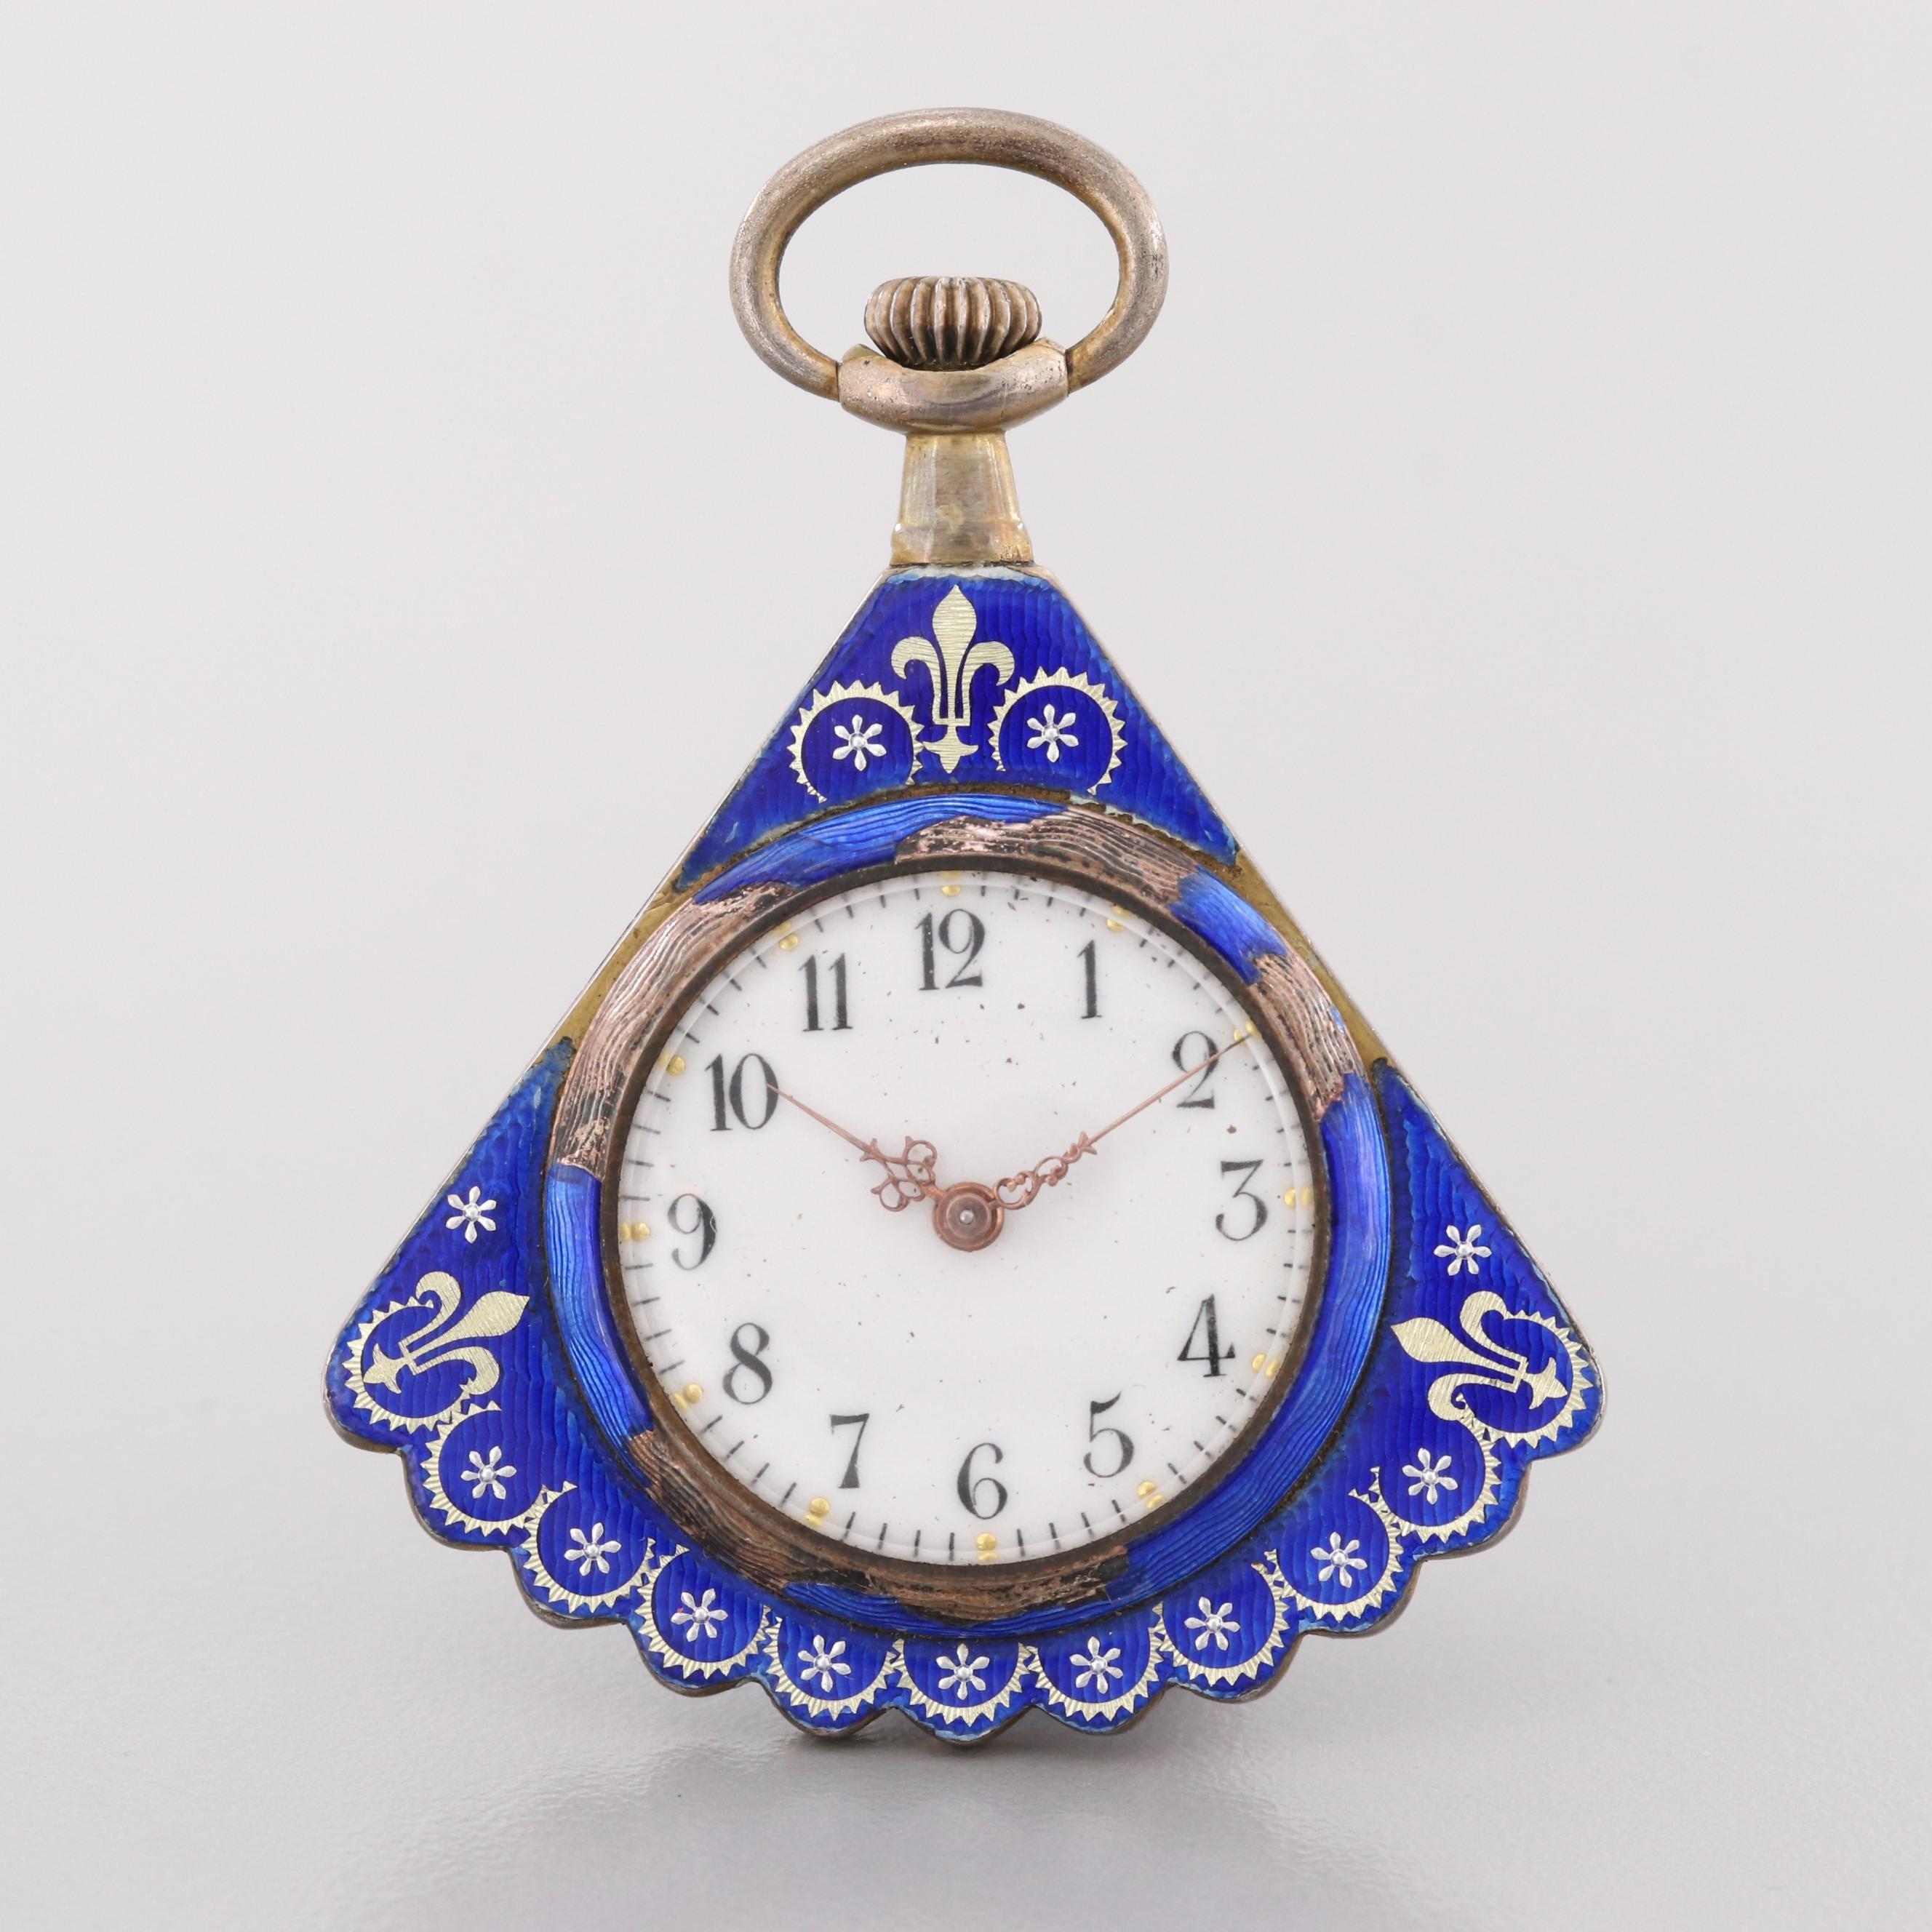 Vintage 800 Silver Fan Shaped Enamel Open Face Pocket Watch